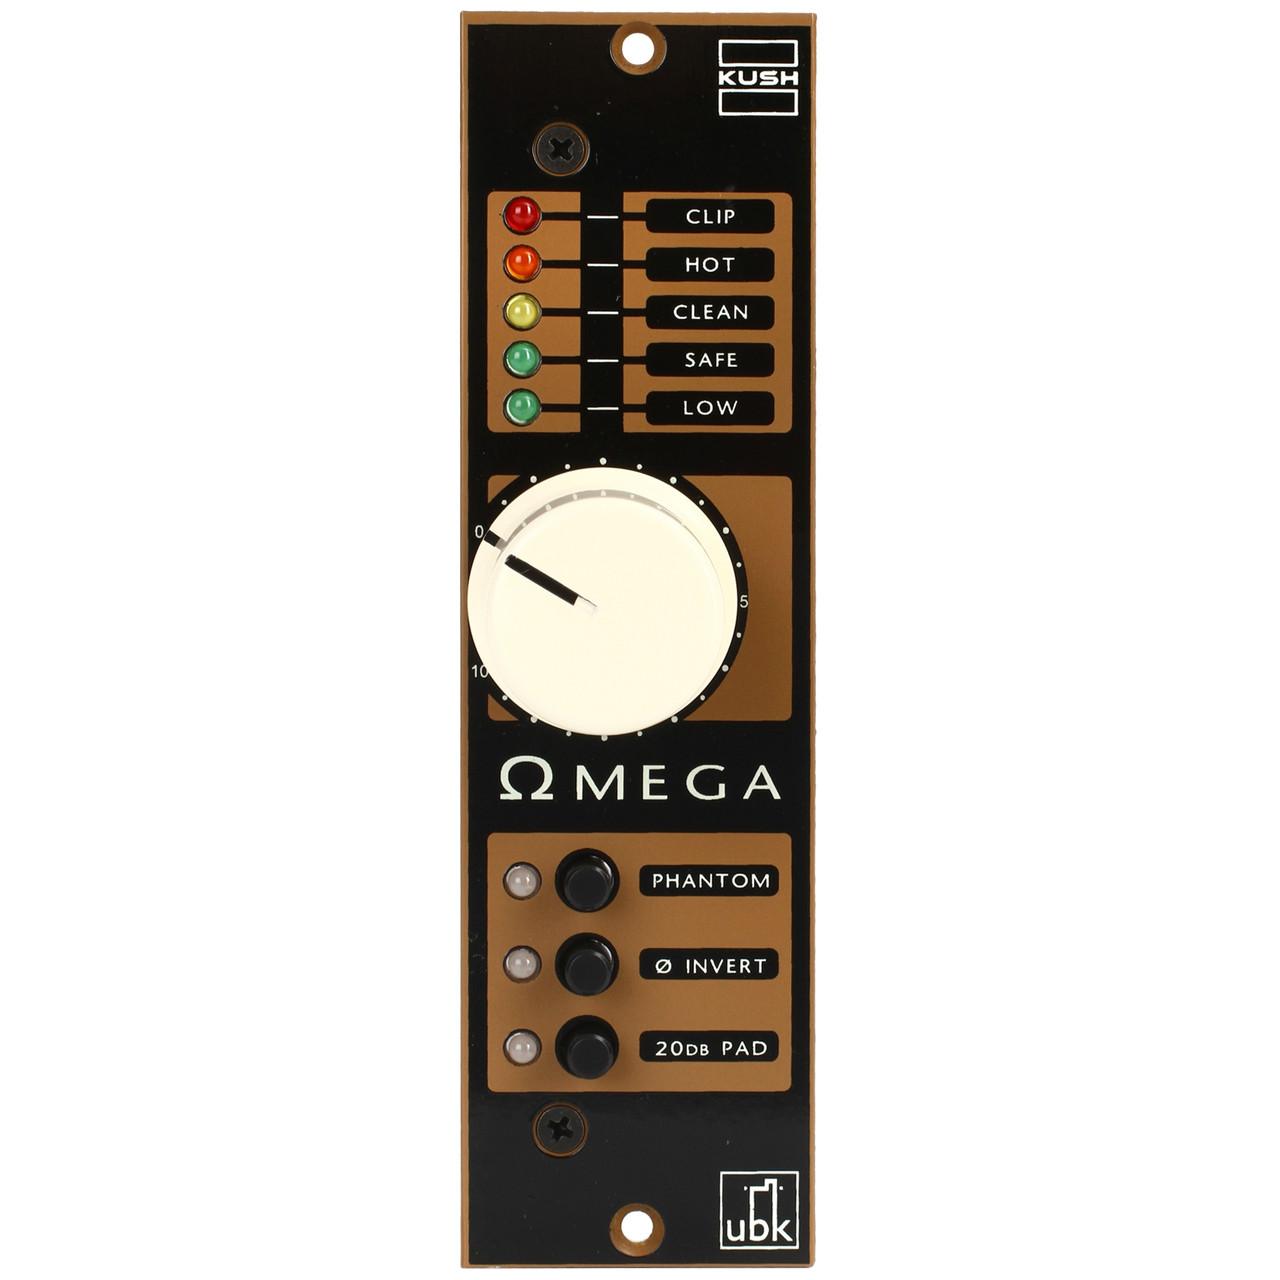 Omega (Front)